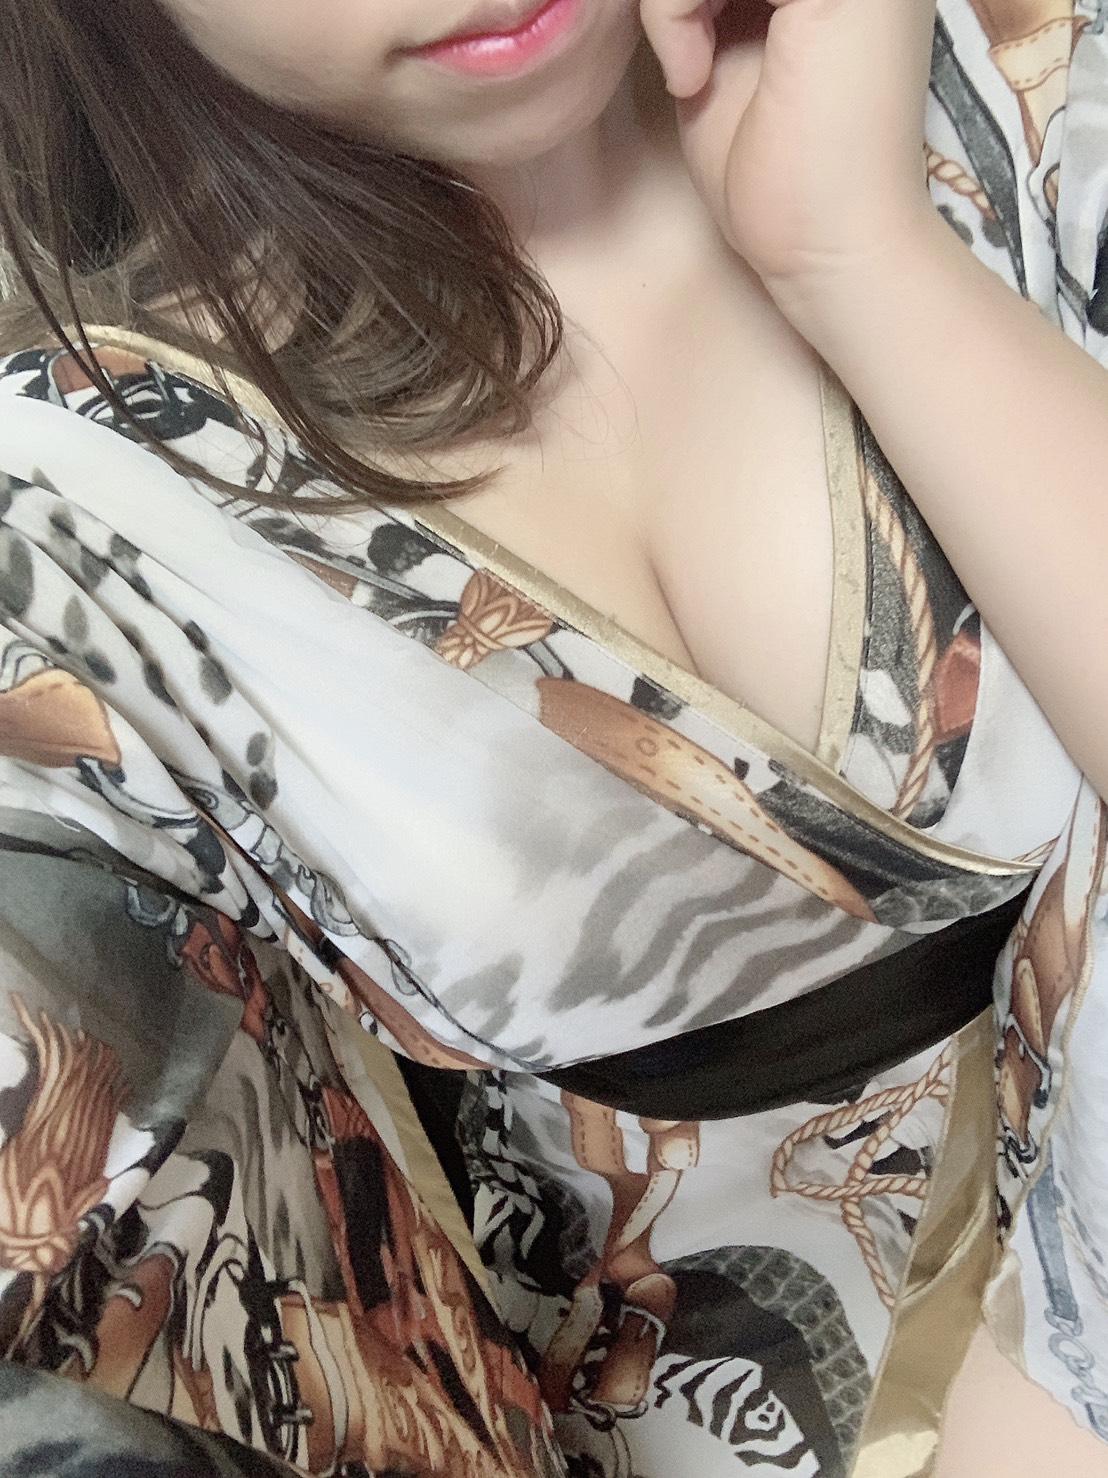 はづきさんの2枚目の写真